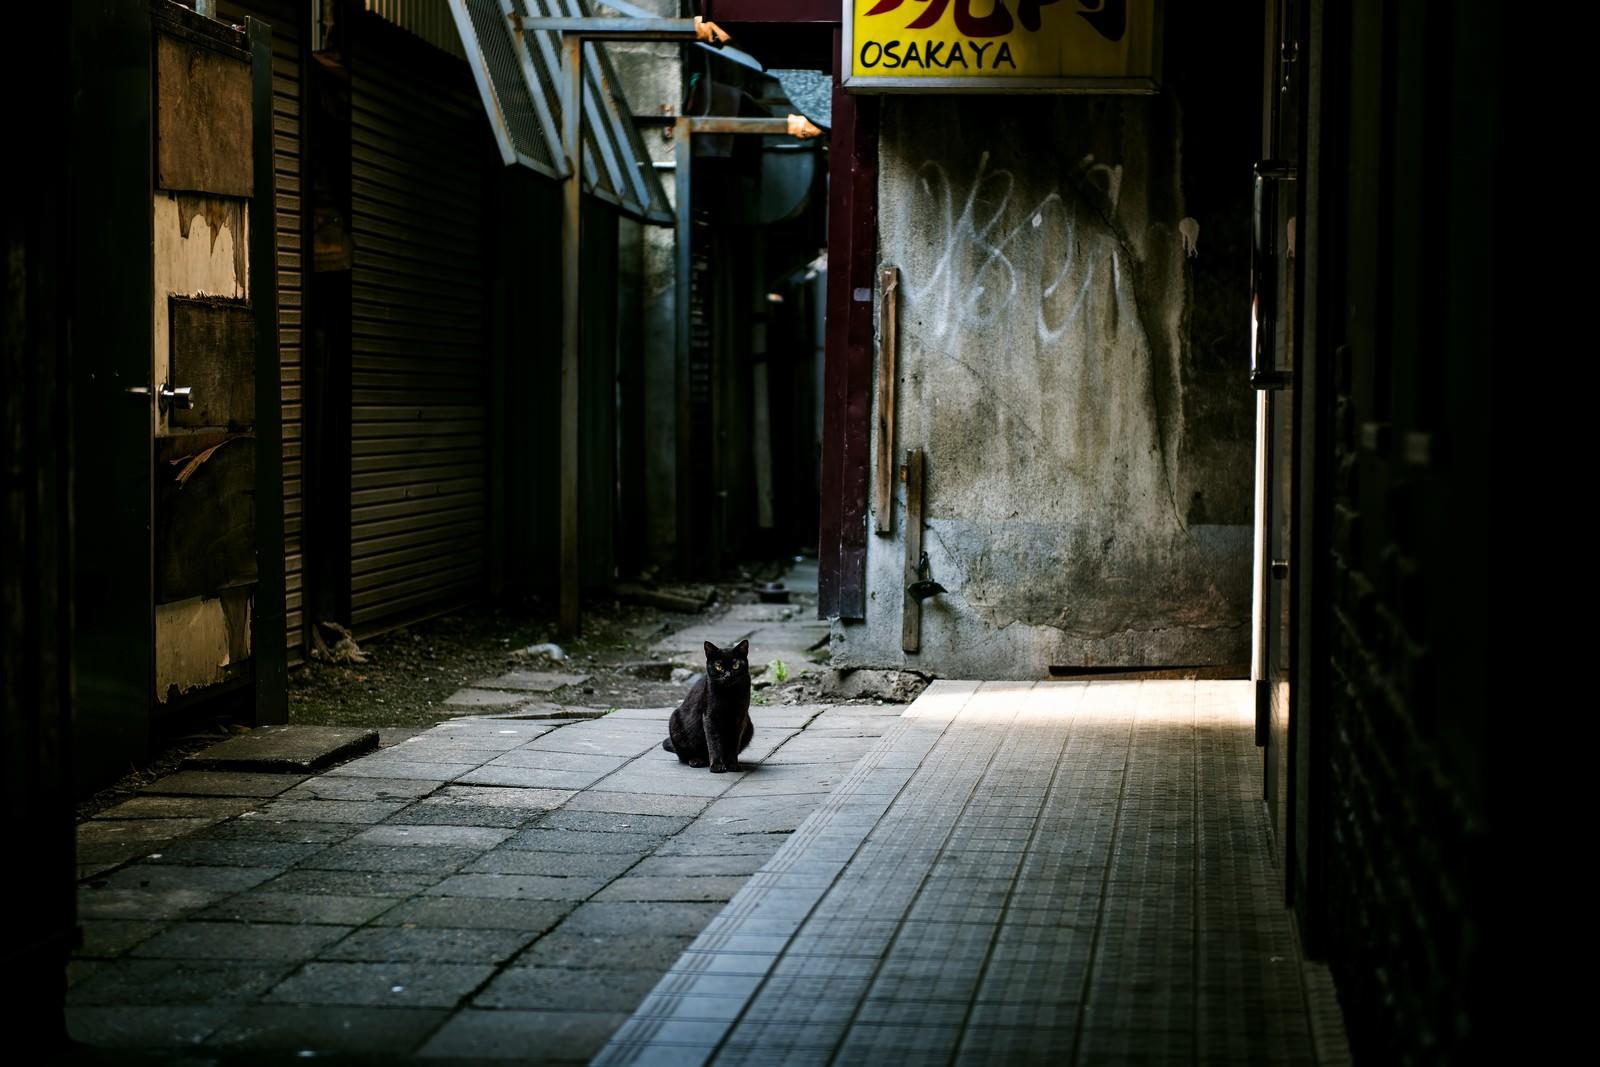 「路地裏のクロネコ」の写真